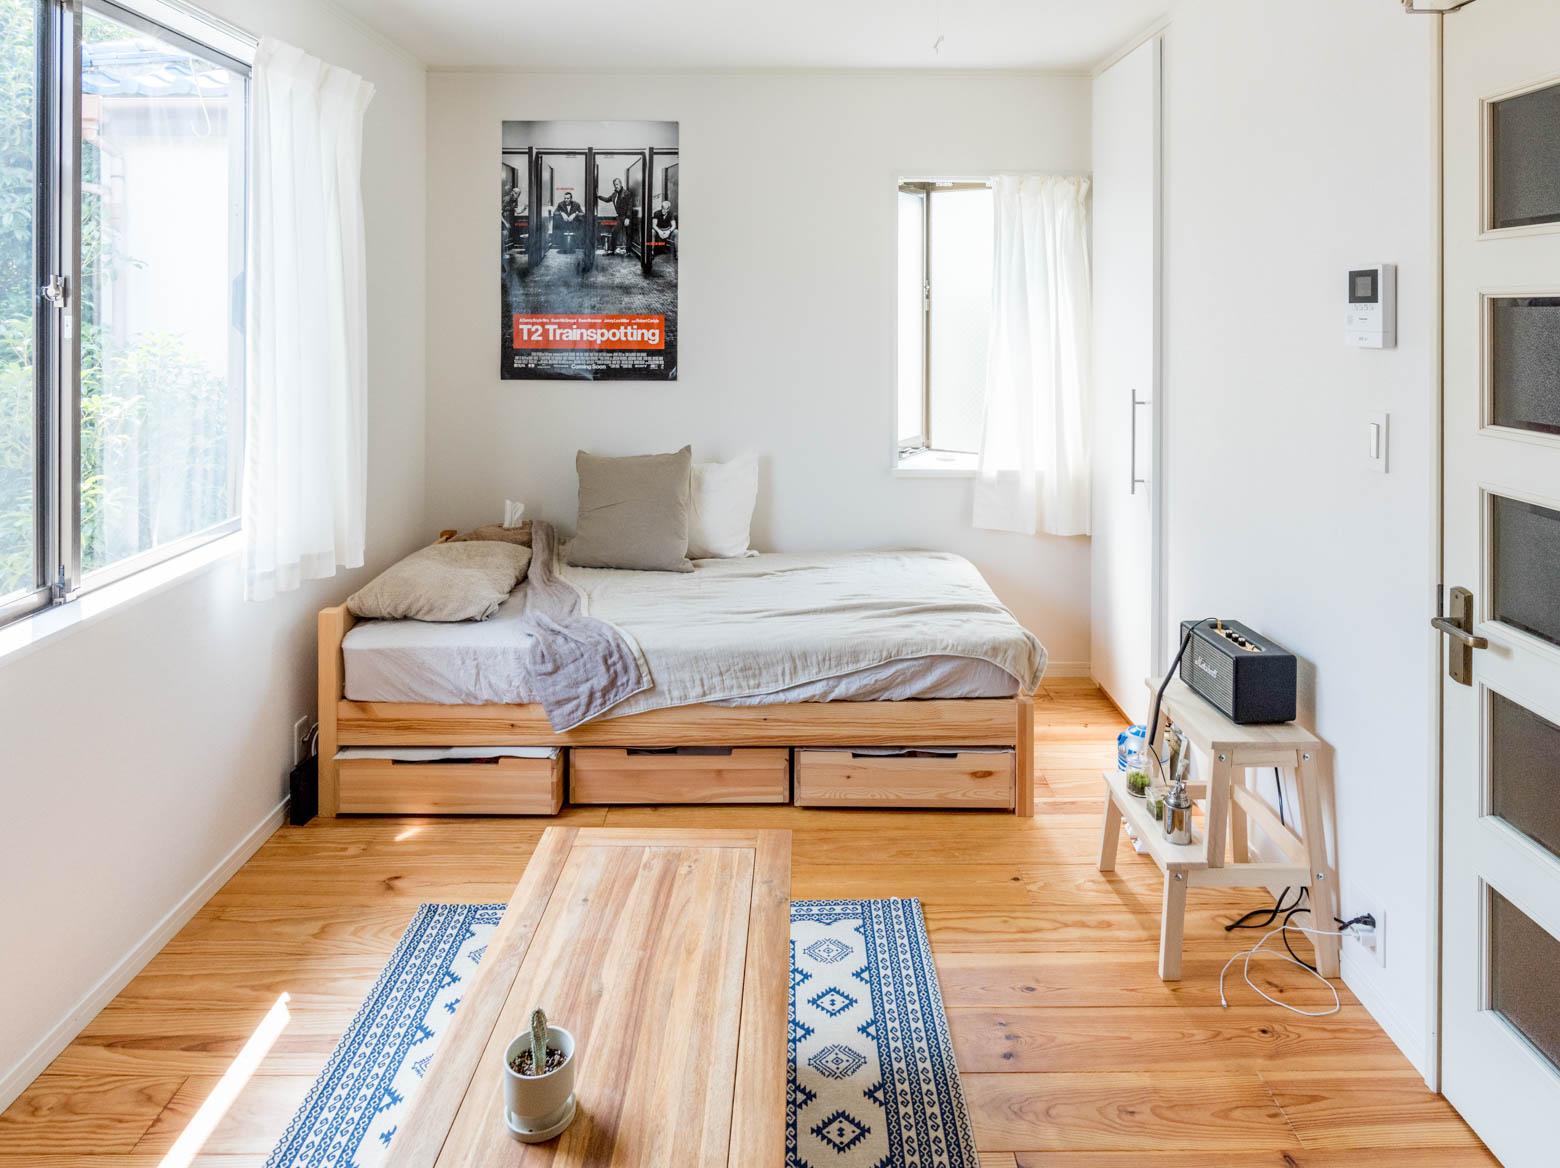 越智さんの部屋。すっきりしていて、なんといっても明るい。ベッド脇に貼ってあるポスターにニヤリとする人もいらっしゃるかと。これに関しては後述。